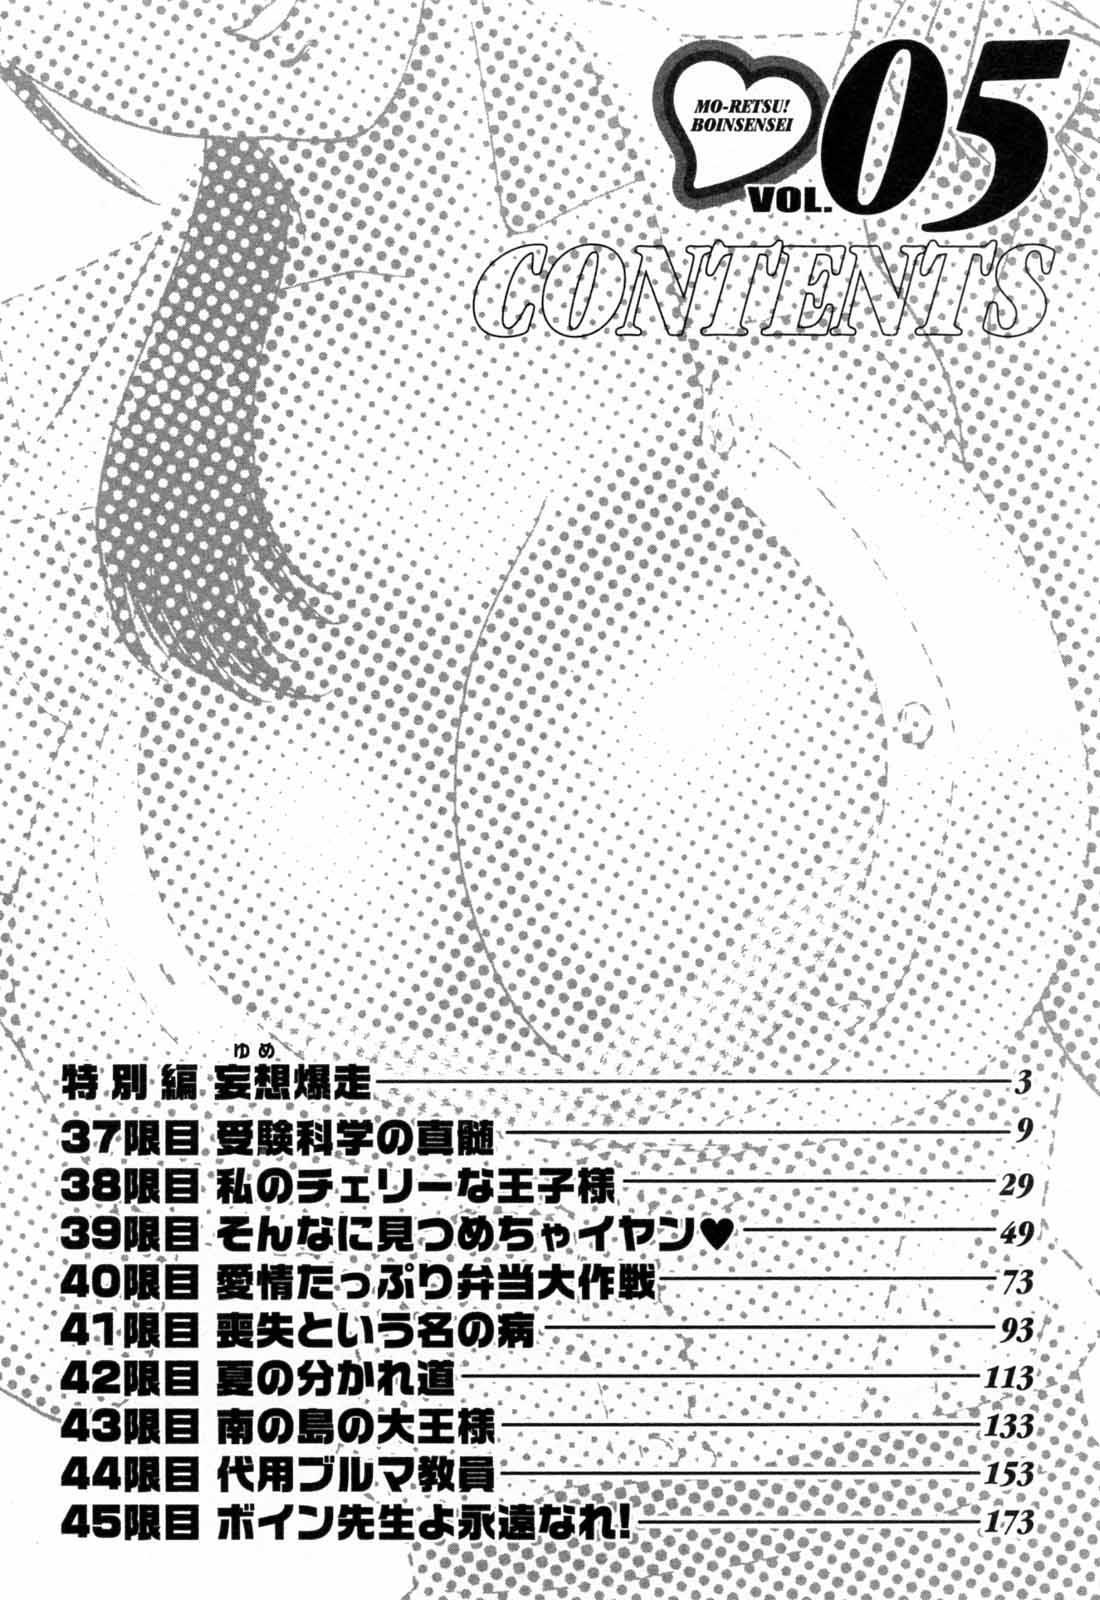 [Hidemaru] Mo-Retsu! Boin Sensei (Boing Boing Teacher) Vol.5 [English] [4dawgz] [Tadanohito] 8